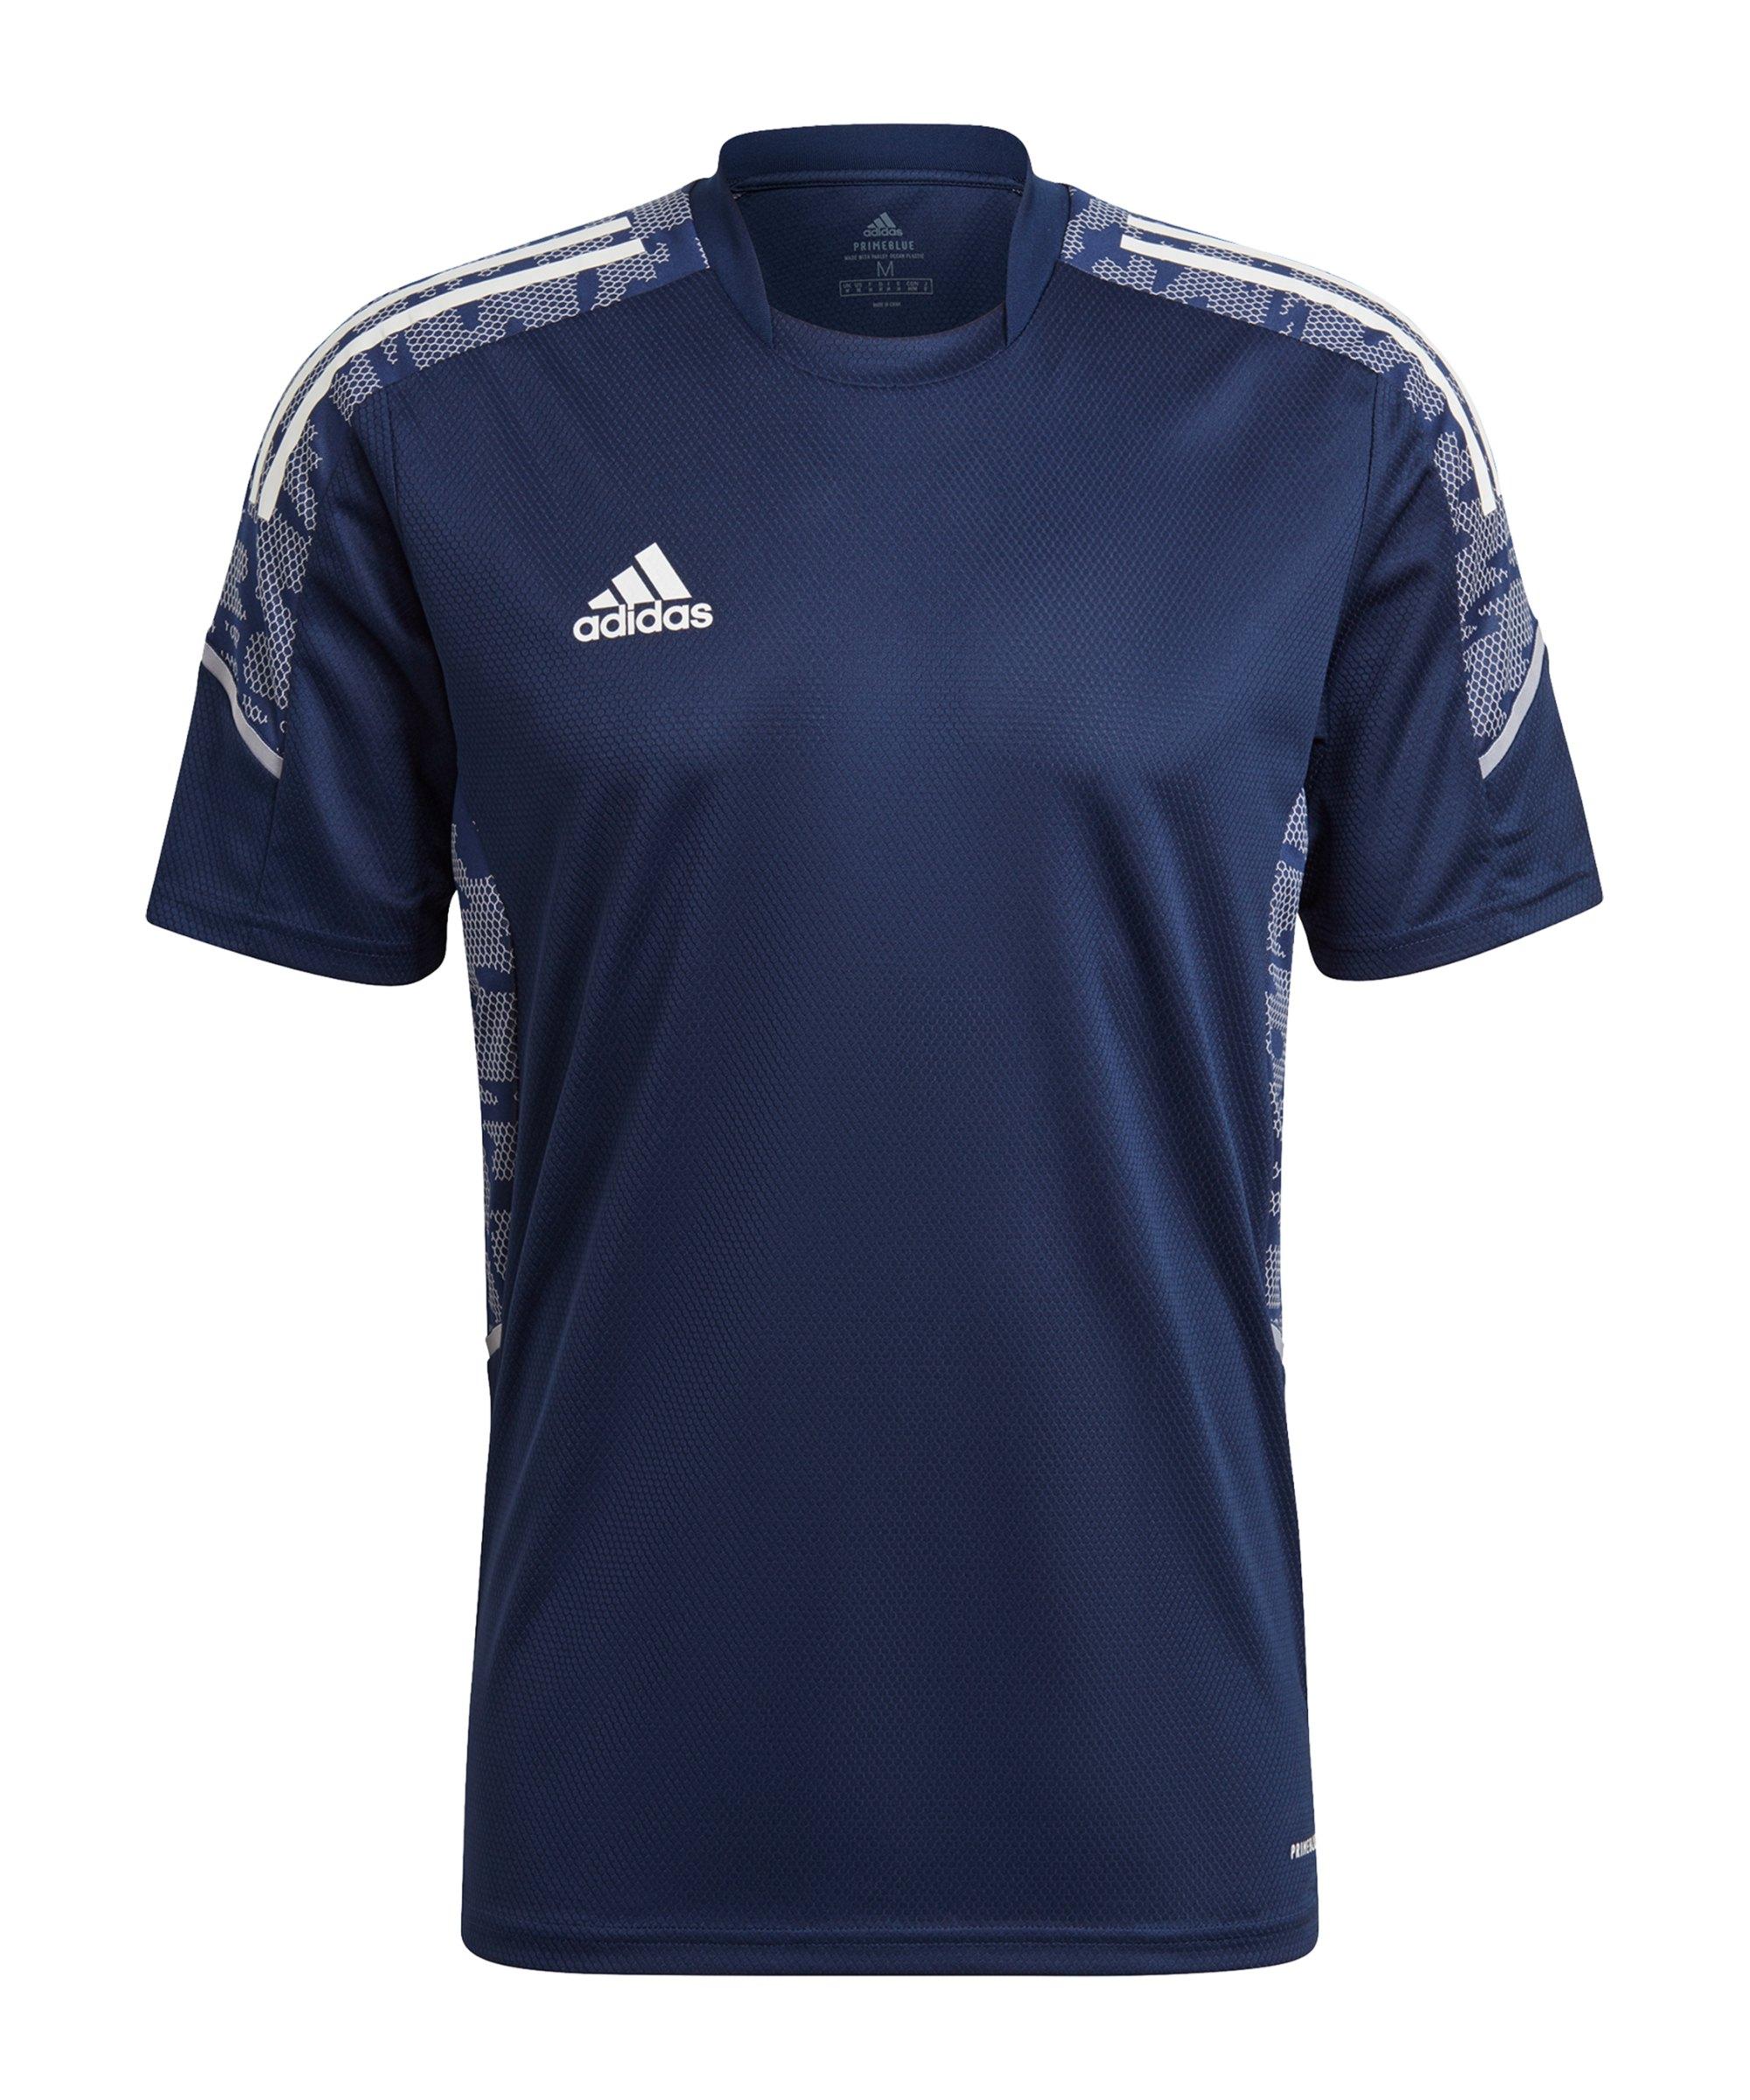 adidas Condivo 21 Trainingsshirt Blau - blau